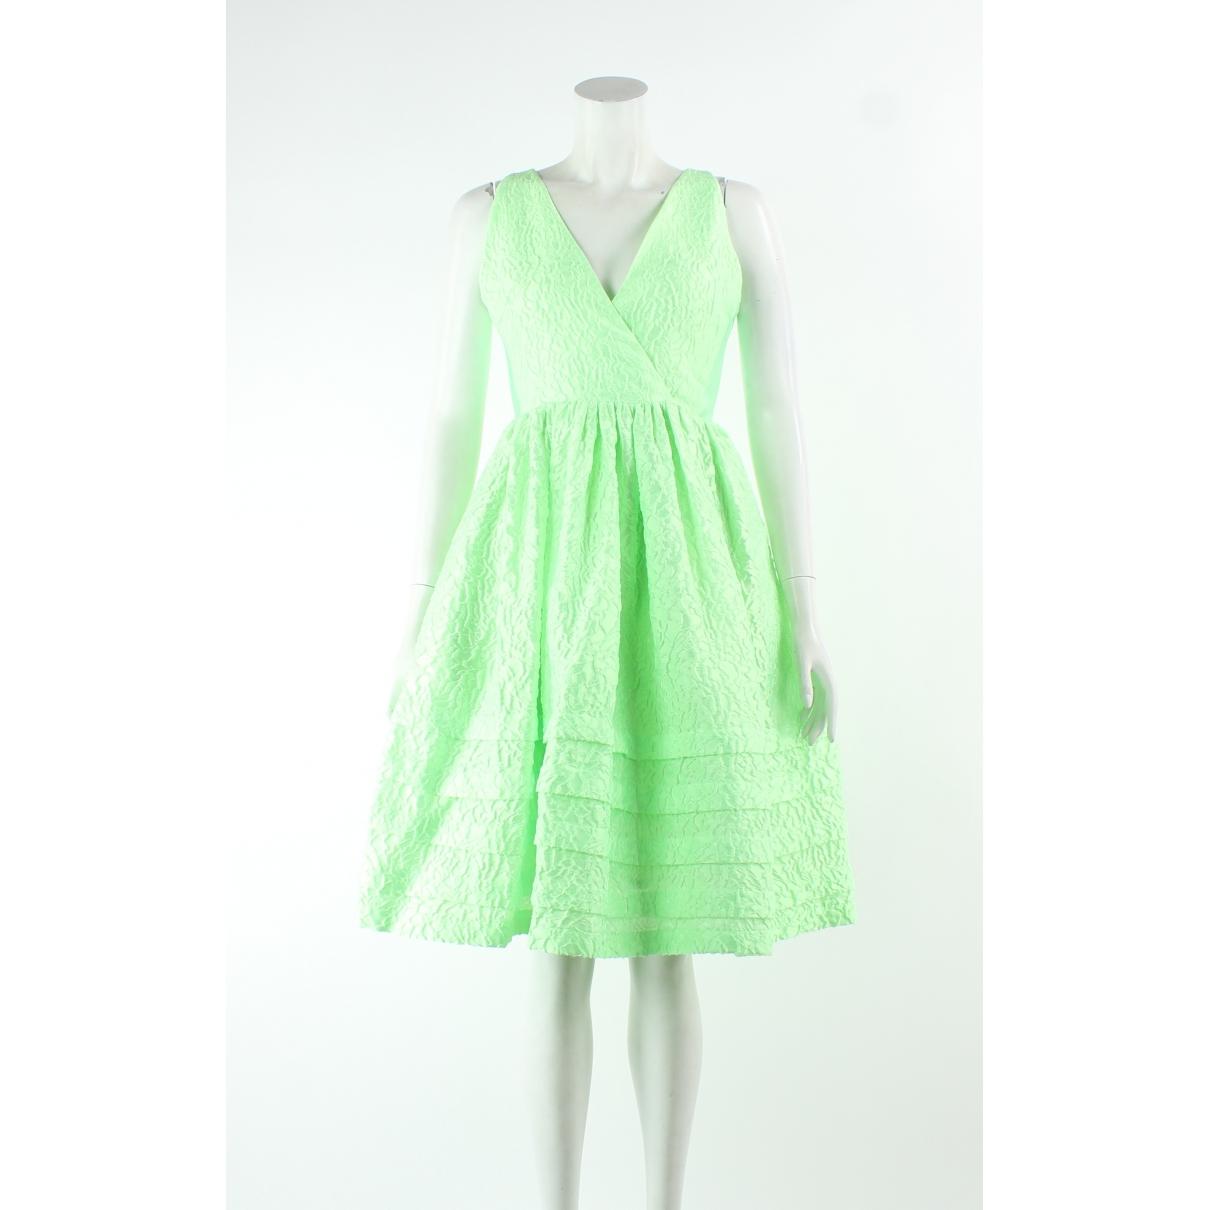 Jonathan Saunders \N Kleid in  Gruen Polyester